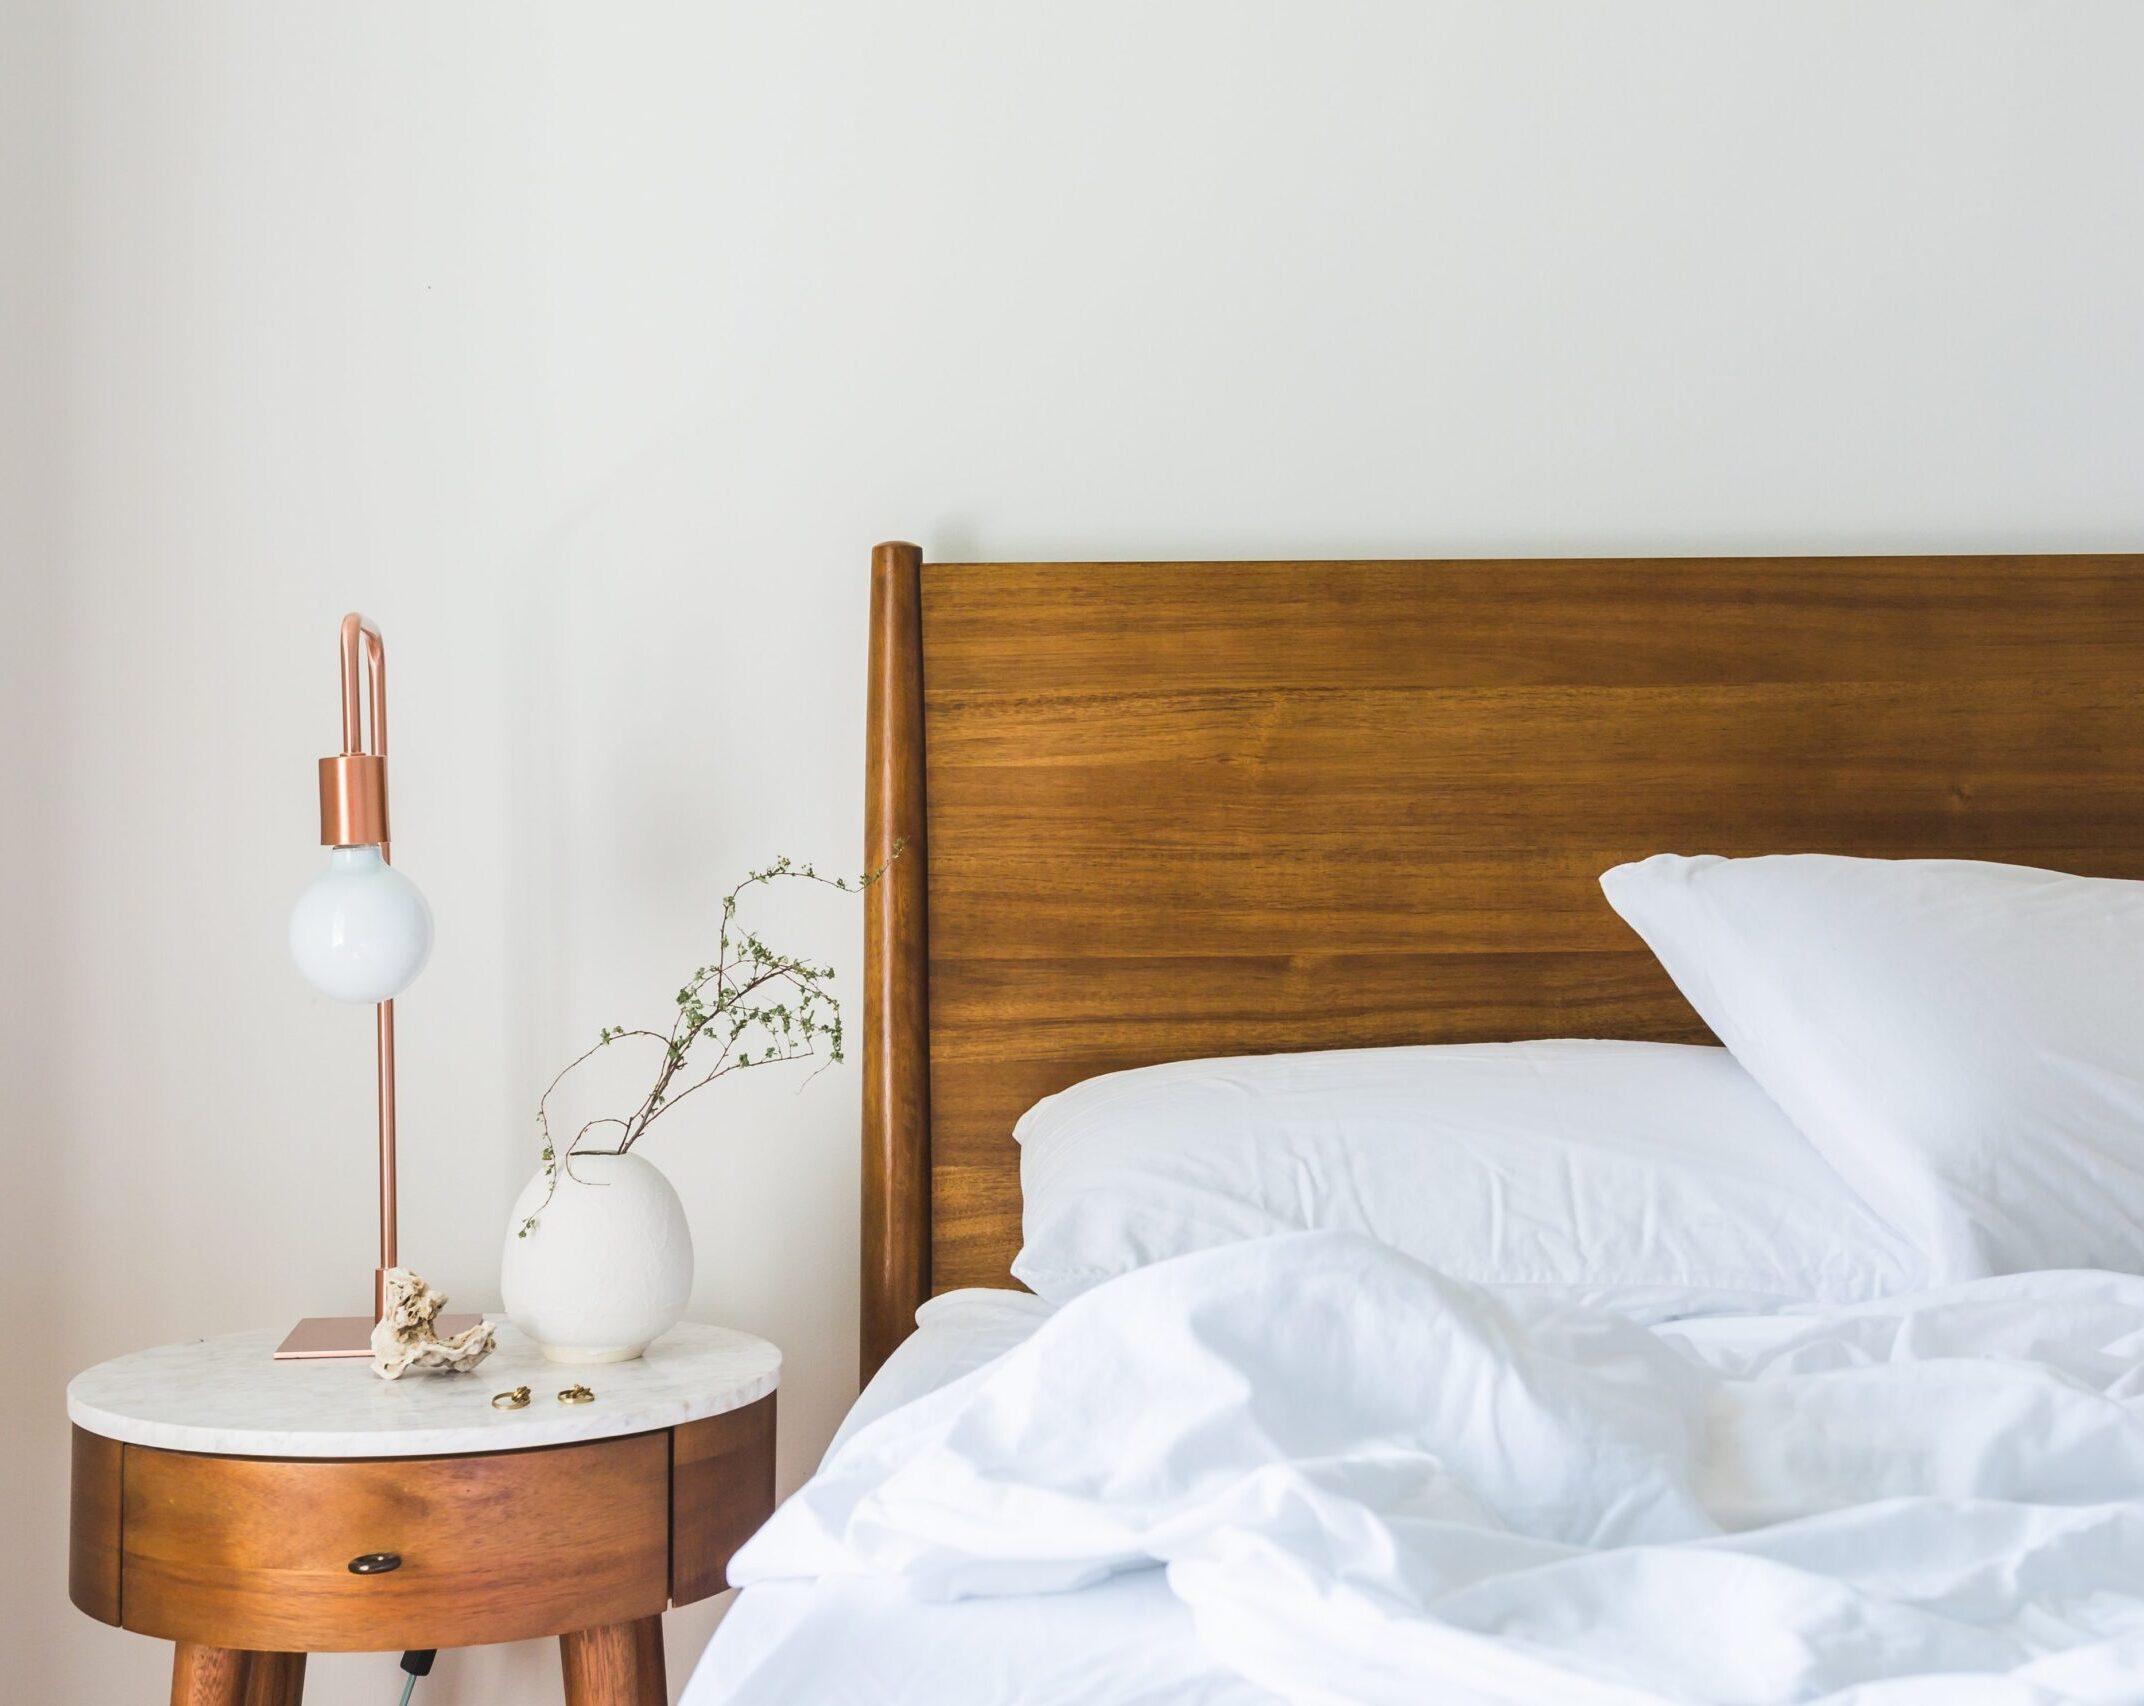 Ein Foto von einem Holzbett und einem Nachtisch mit einer Lampe und einem Blumentopf darauf.